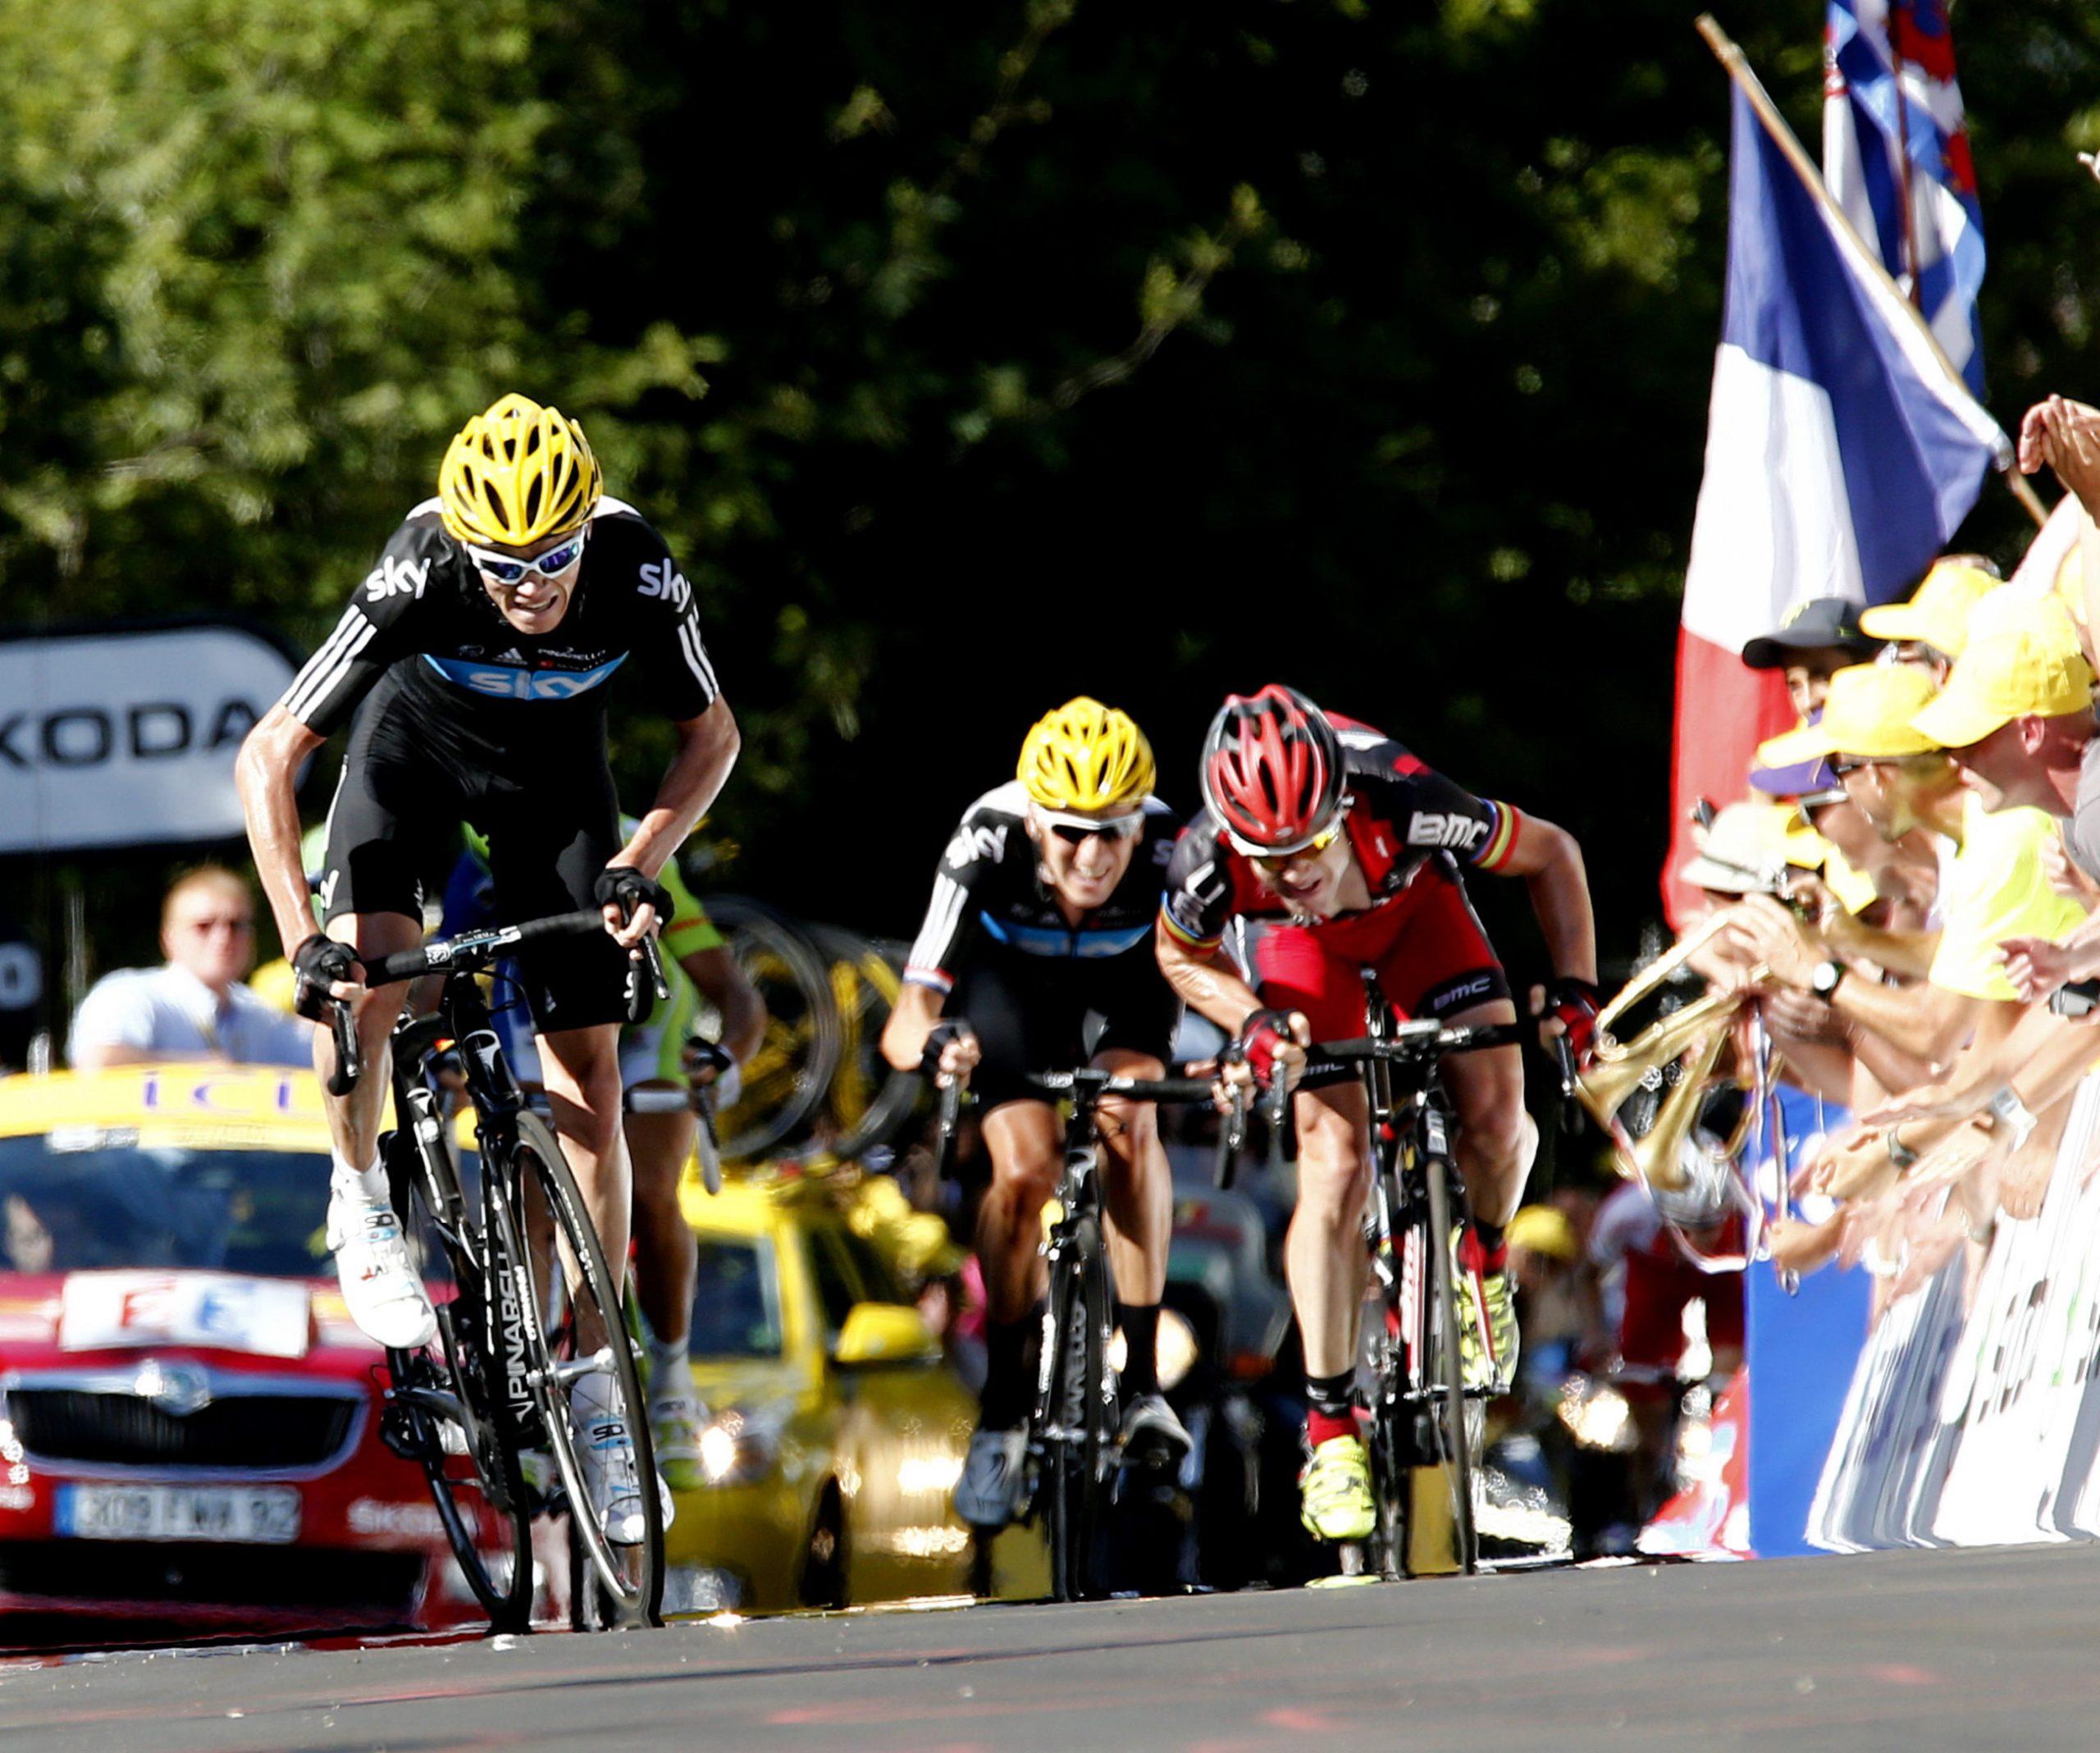 Kaggestads Tour #1: Wiggins startet et eventyr